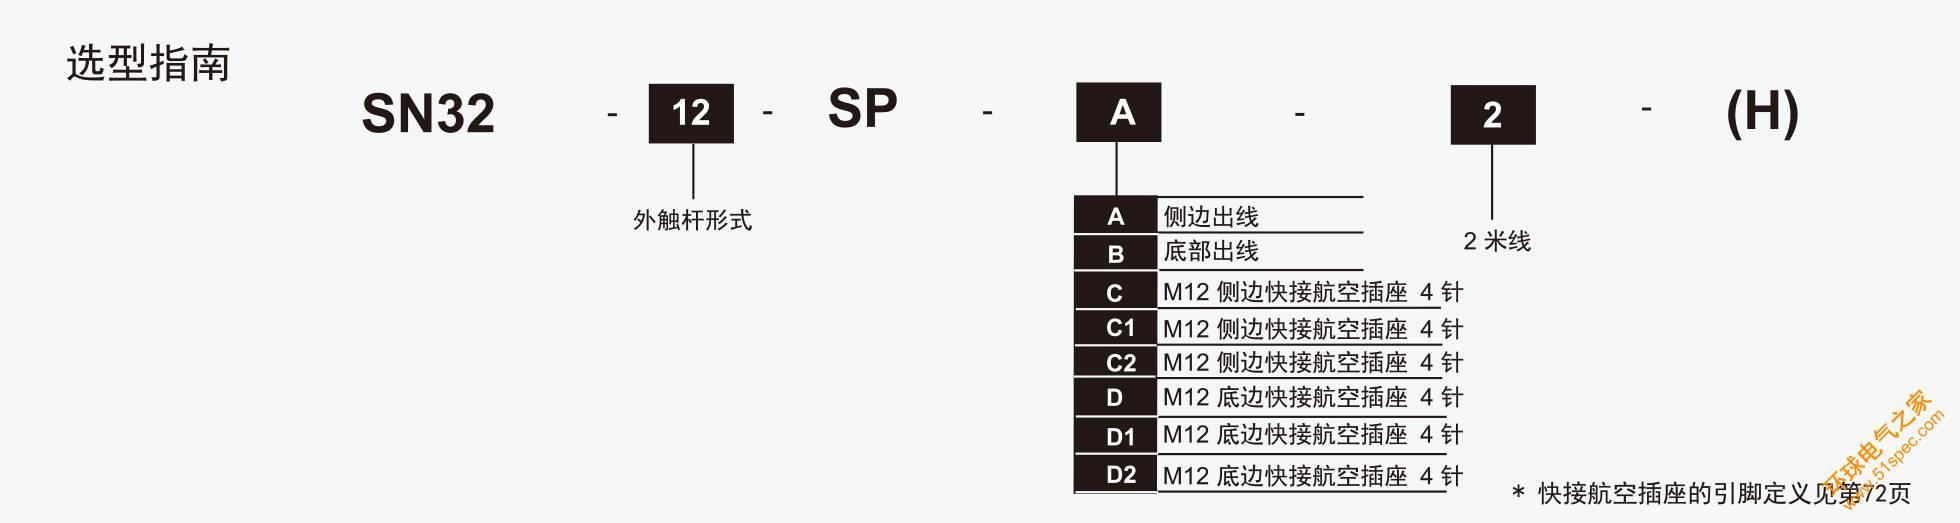 SN32系列选型指南.jpg